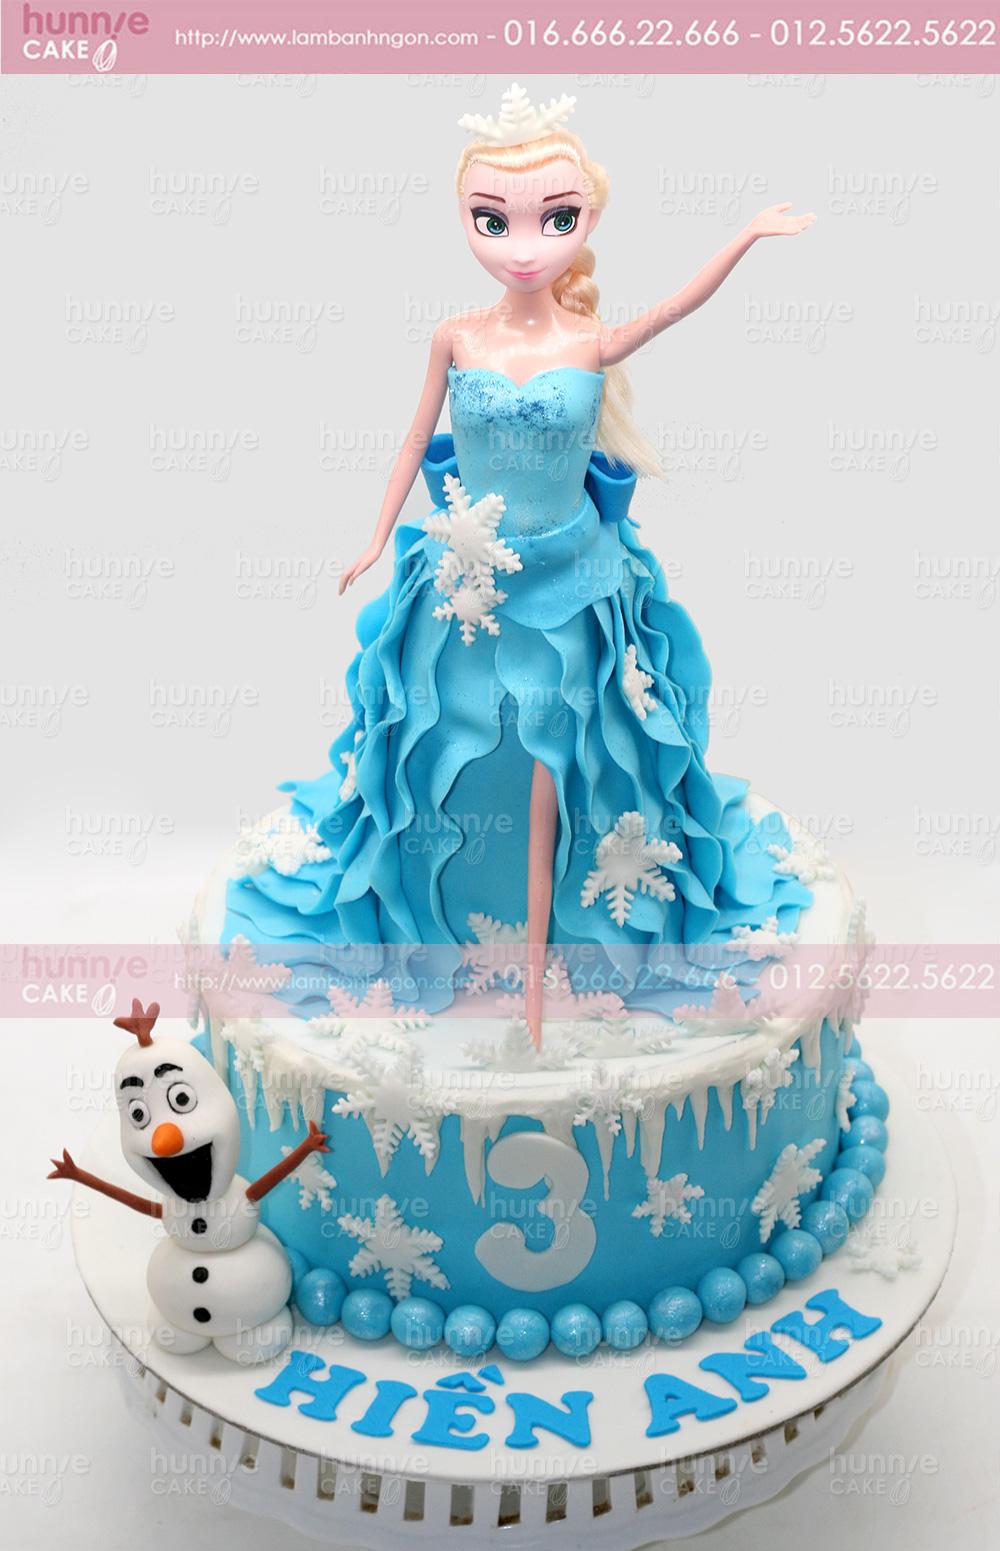 Bánh gato sinh nhật đường fondant búp bê công chúa Elsa 4310 - Bánh ngon đẹp